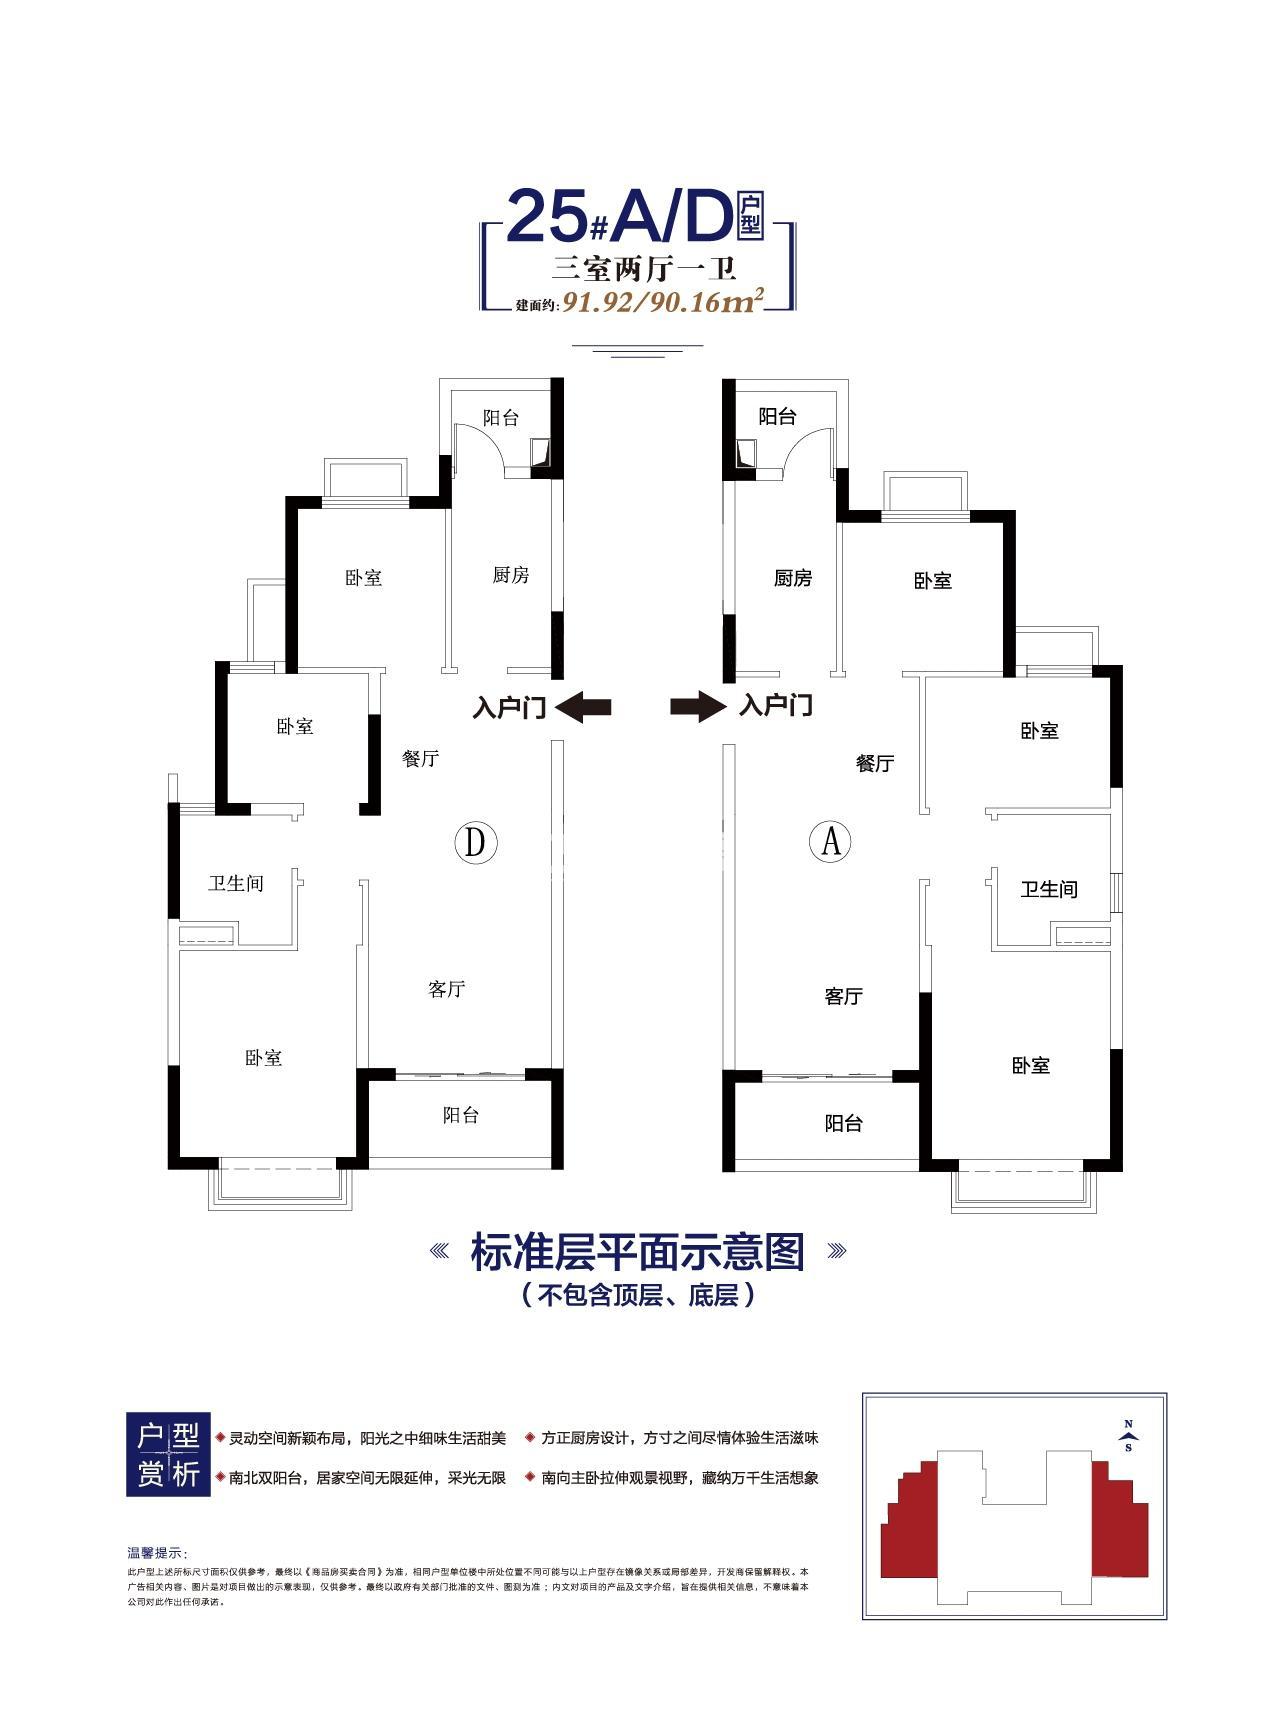 寿县恒大未来城90.16㎡户型图